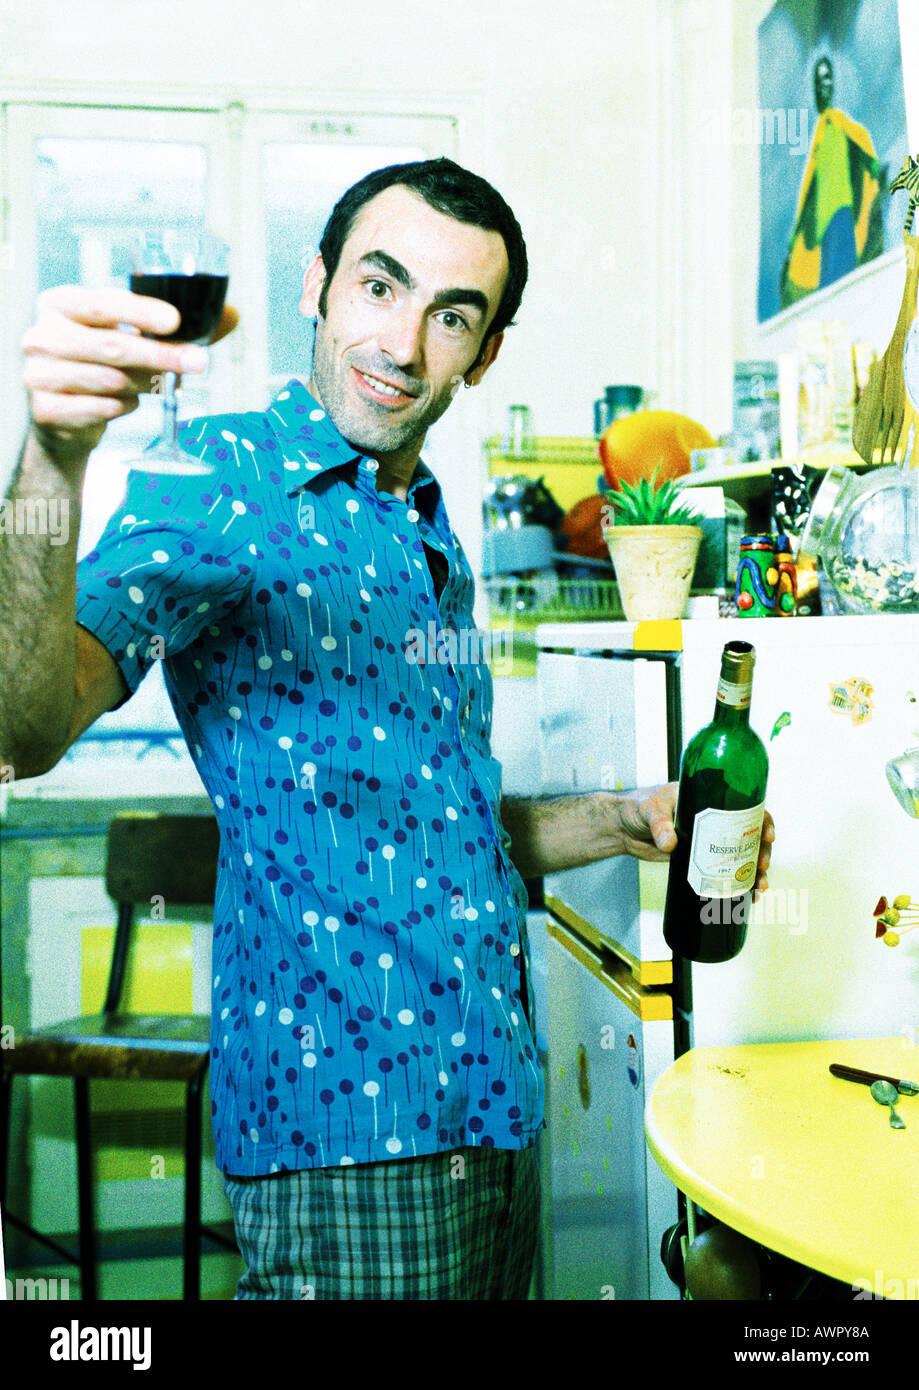 Man in kitchen holding bouteille de vin, levant son verre, portrait. Banque D'Images